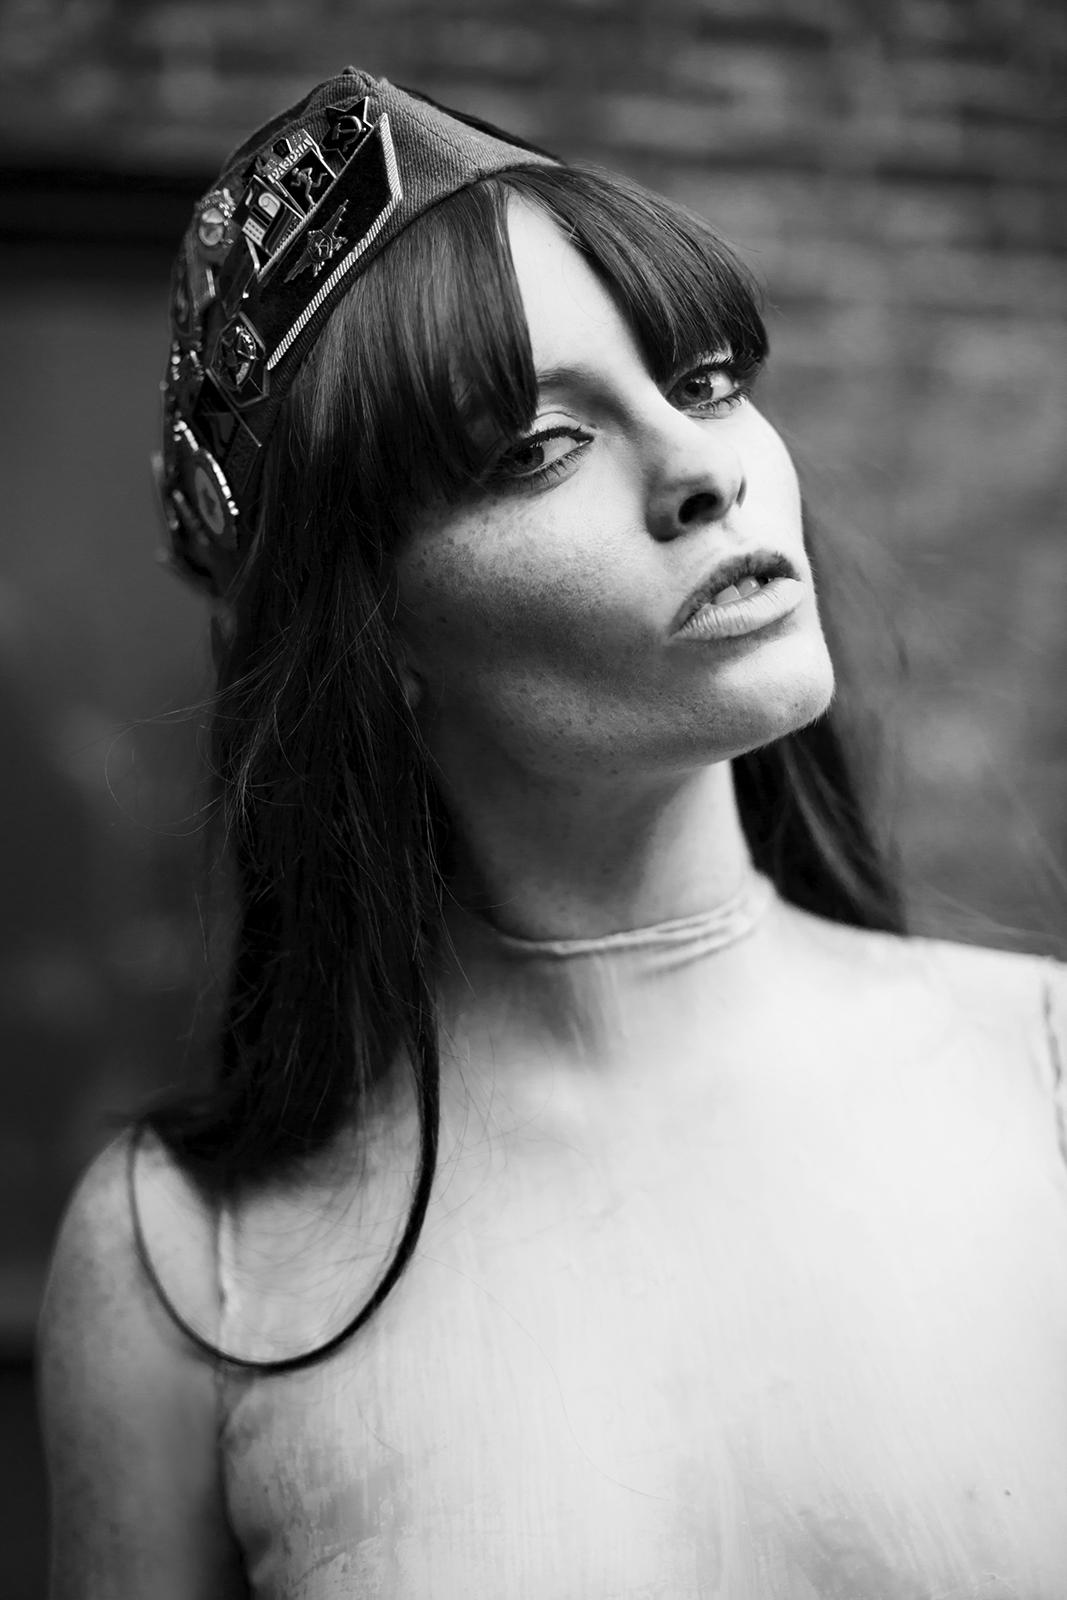 Chloe_Boss_Models_Adina_Doria_12.jpg